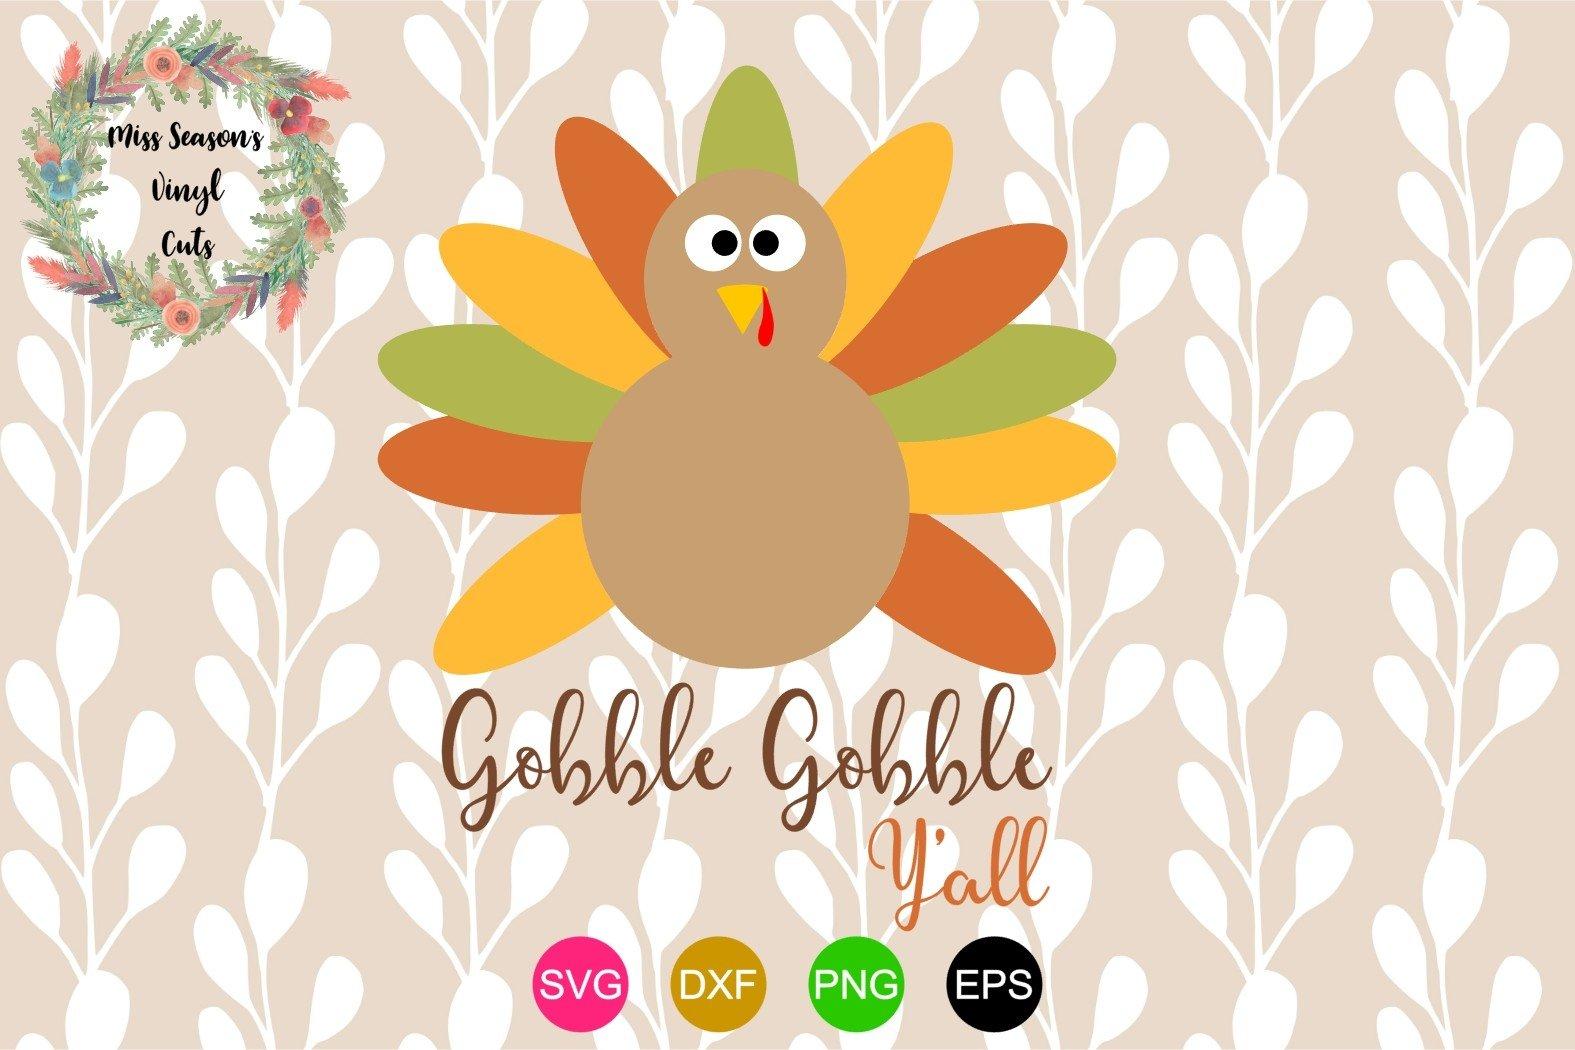 Gobble Gobble Y All 316426 Cut Files Design Bundles